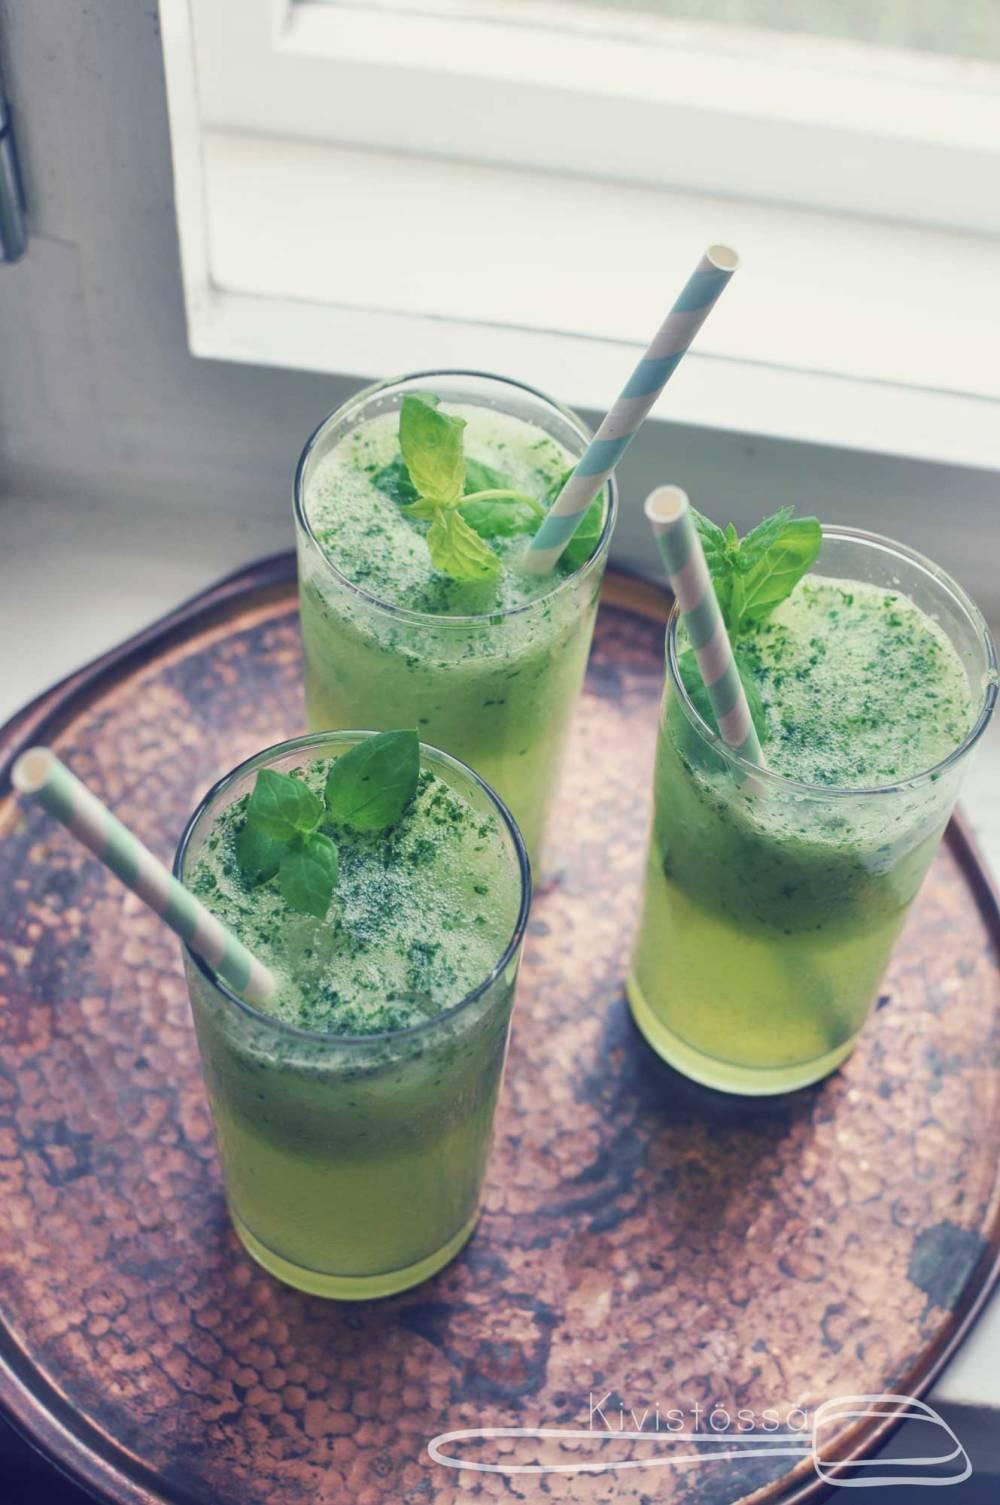 Cucumber mojito - Kivistössä Foodblog www.kivistossa.com #springcocktail #mint #mojito #rhum